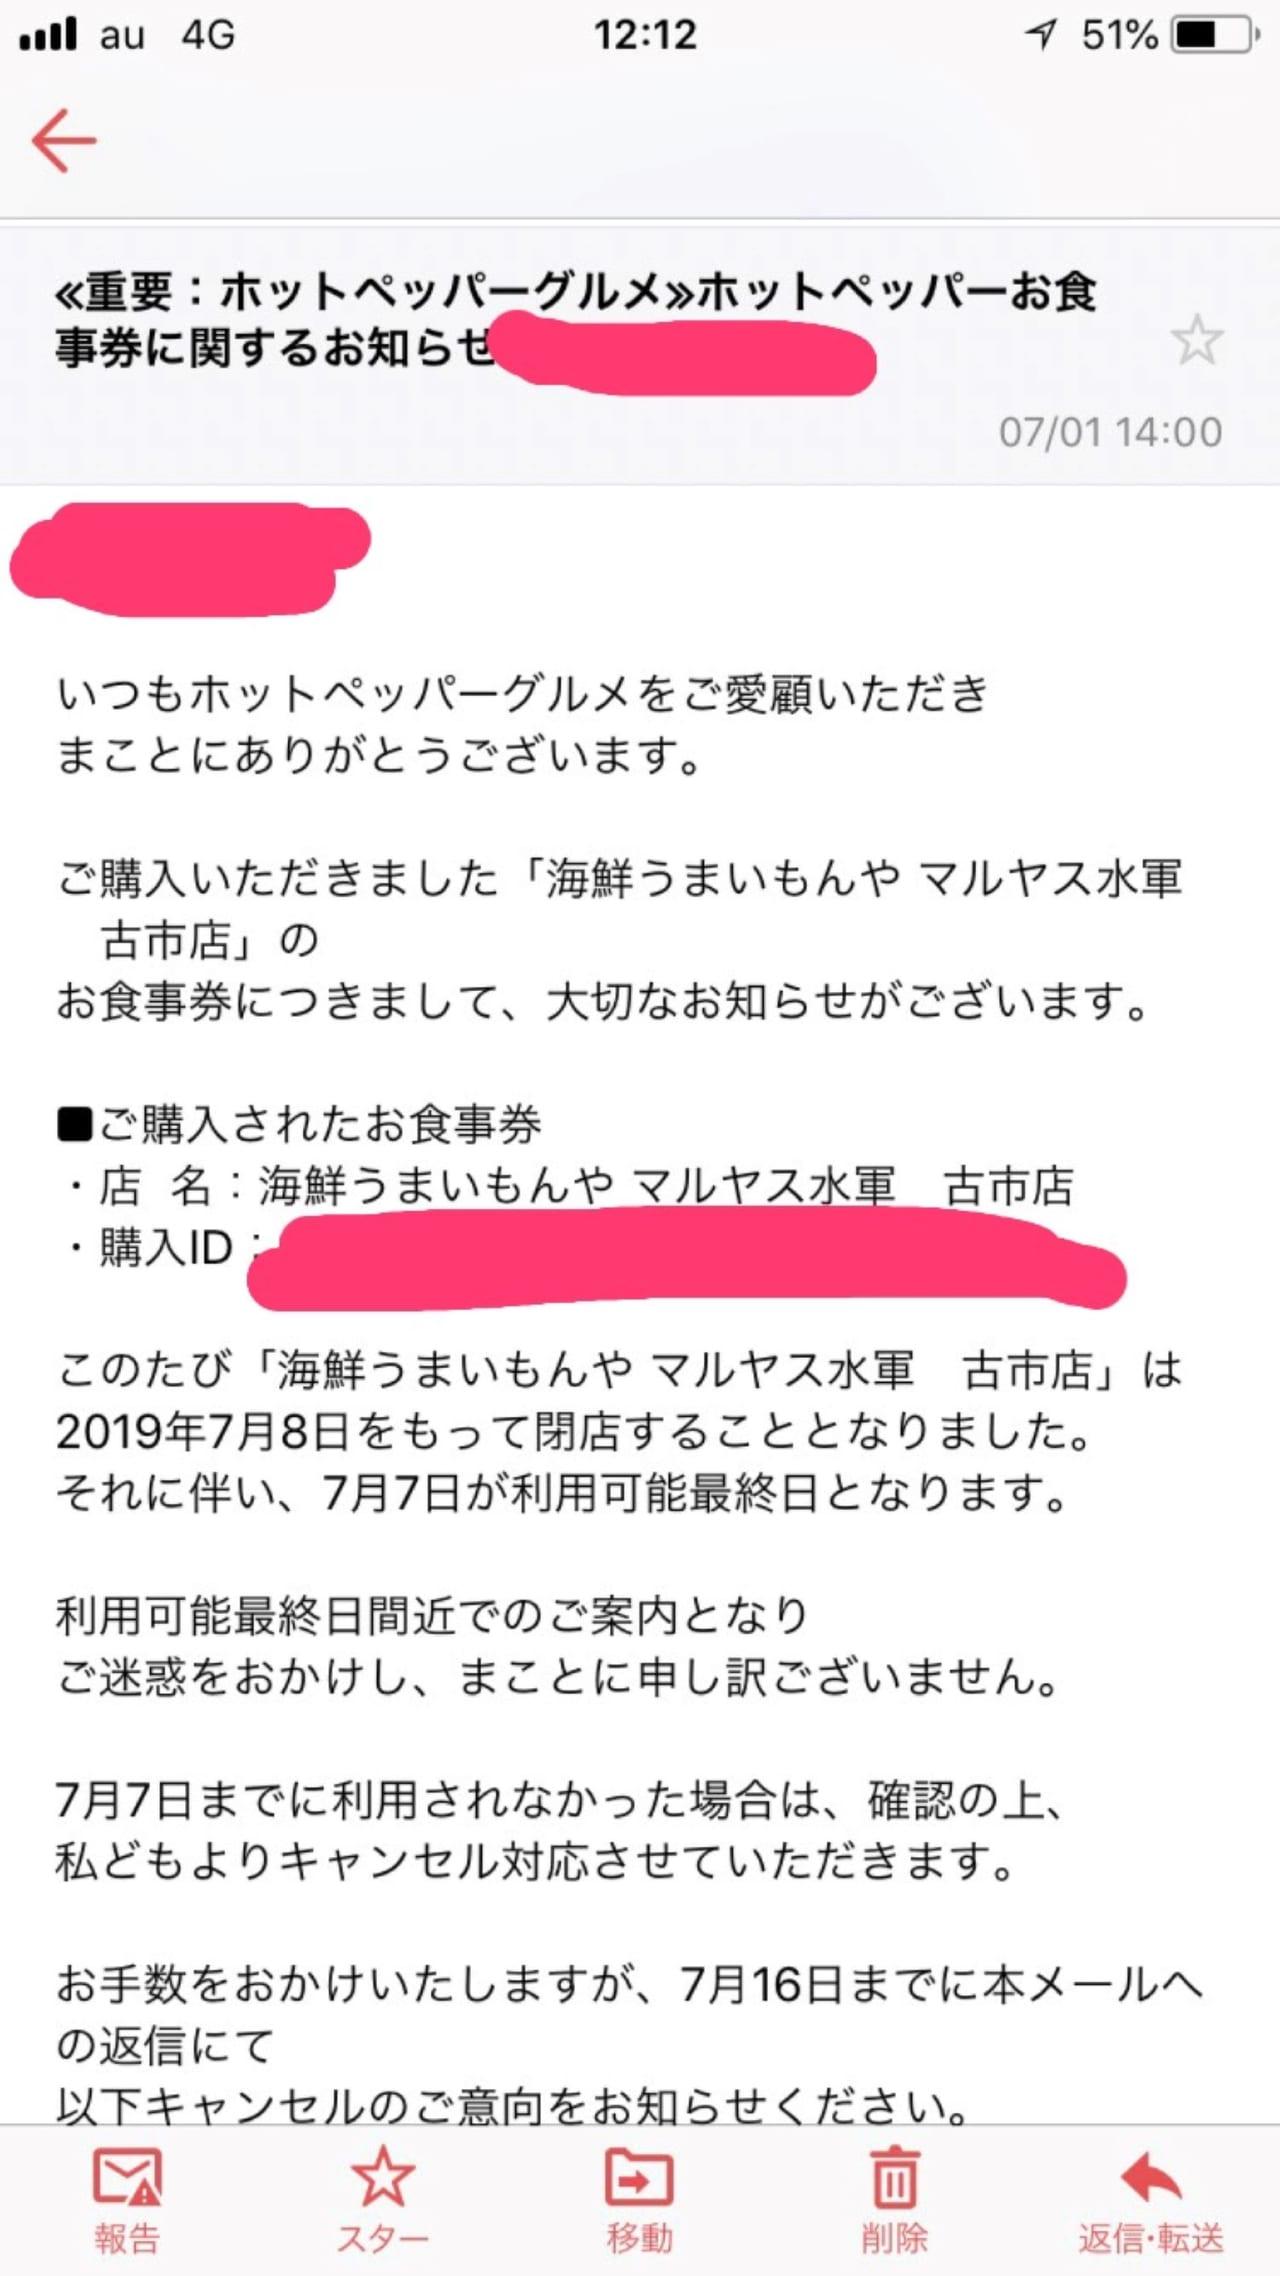 マルヤス水軍お知らせ